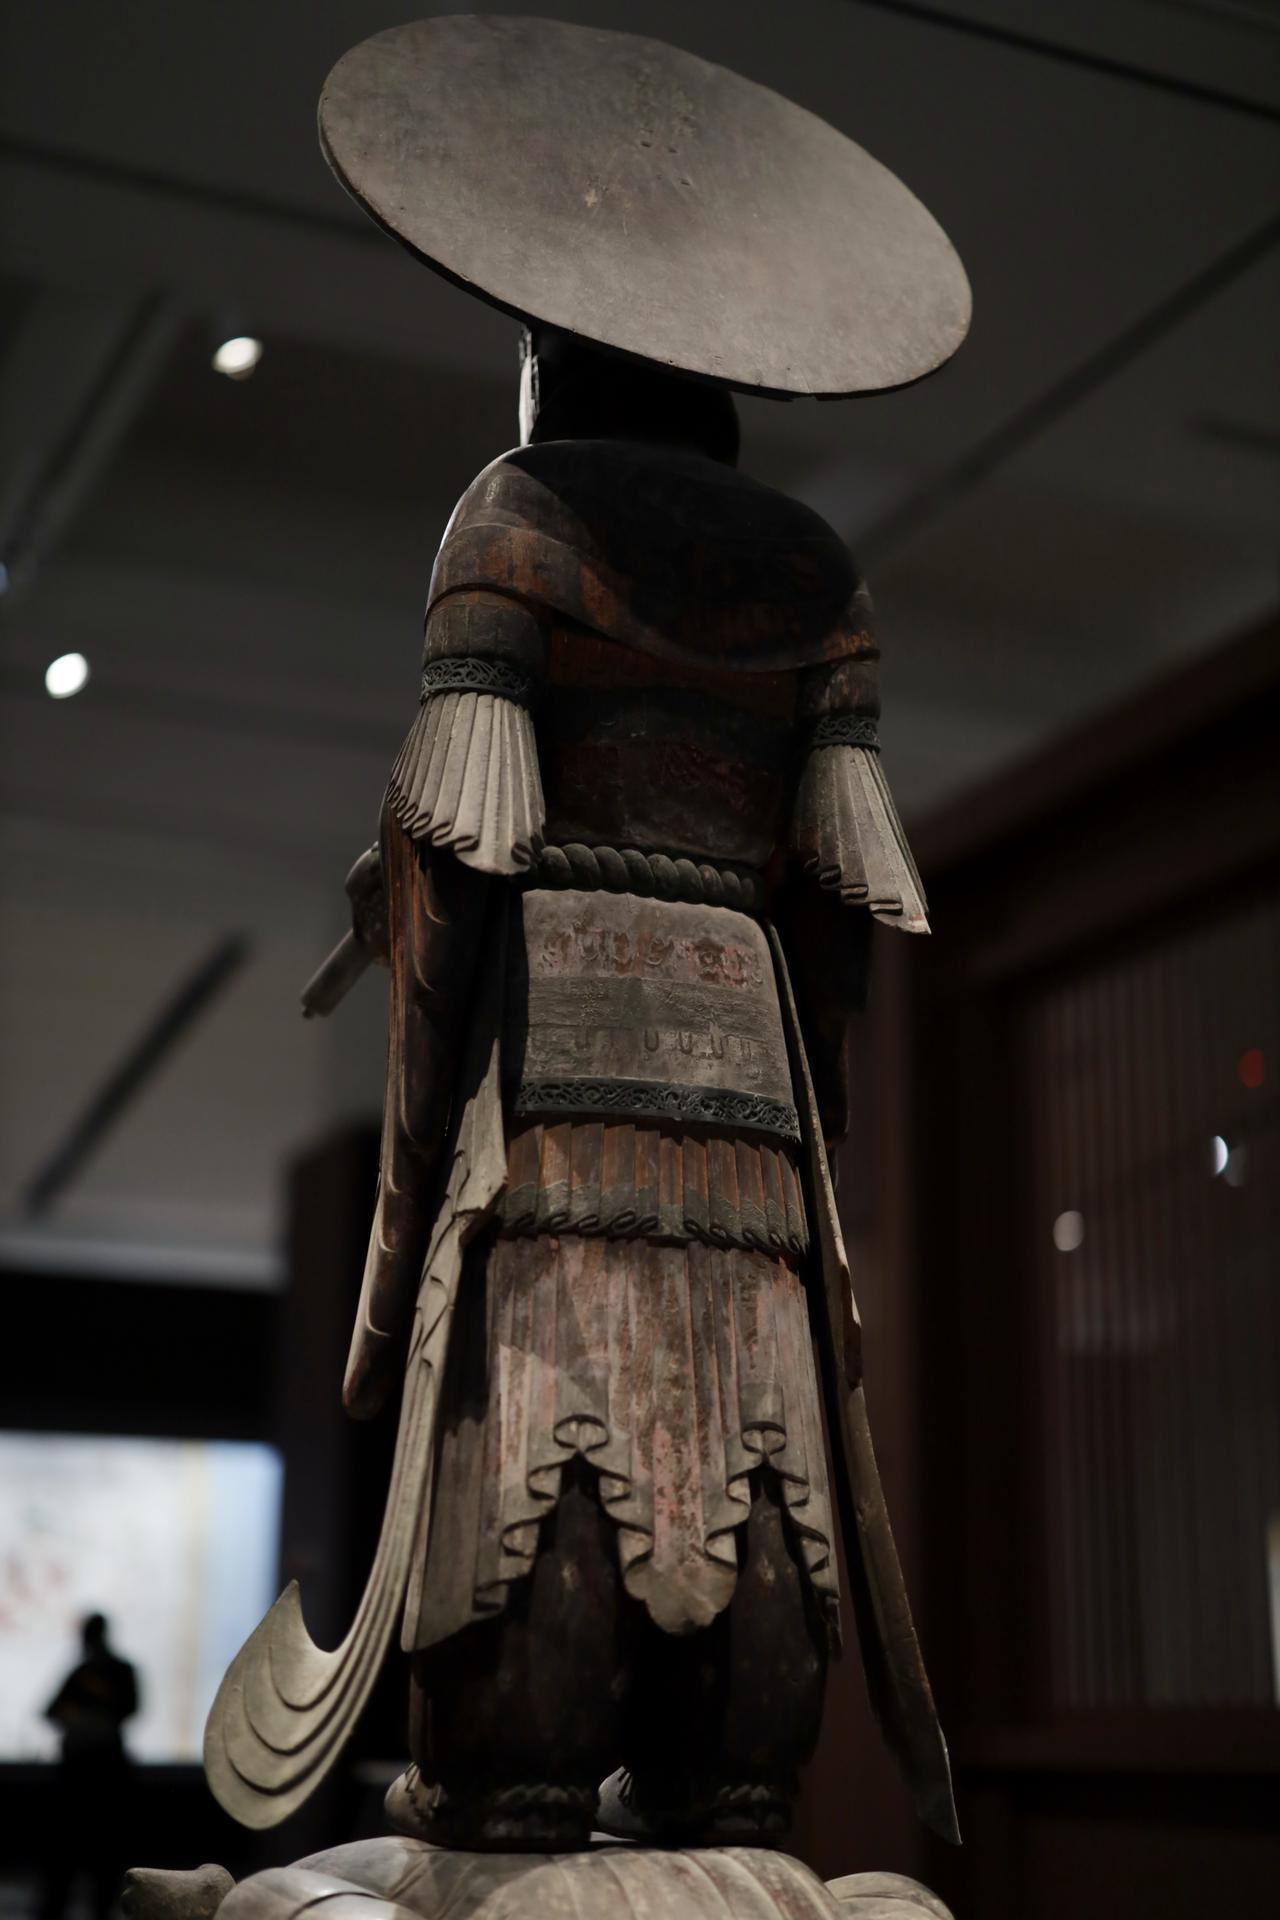 画像1: 四天王立像・広目天 飛鳥時代7世紀 奈良・法隆寺(金堂安置) 国宝